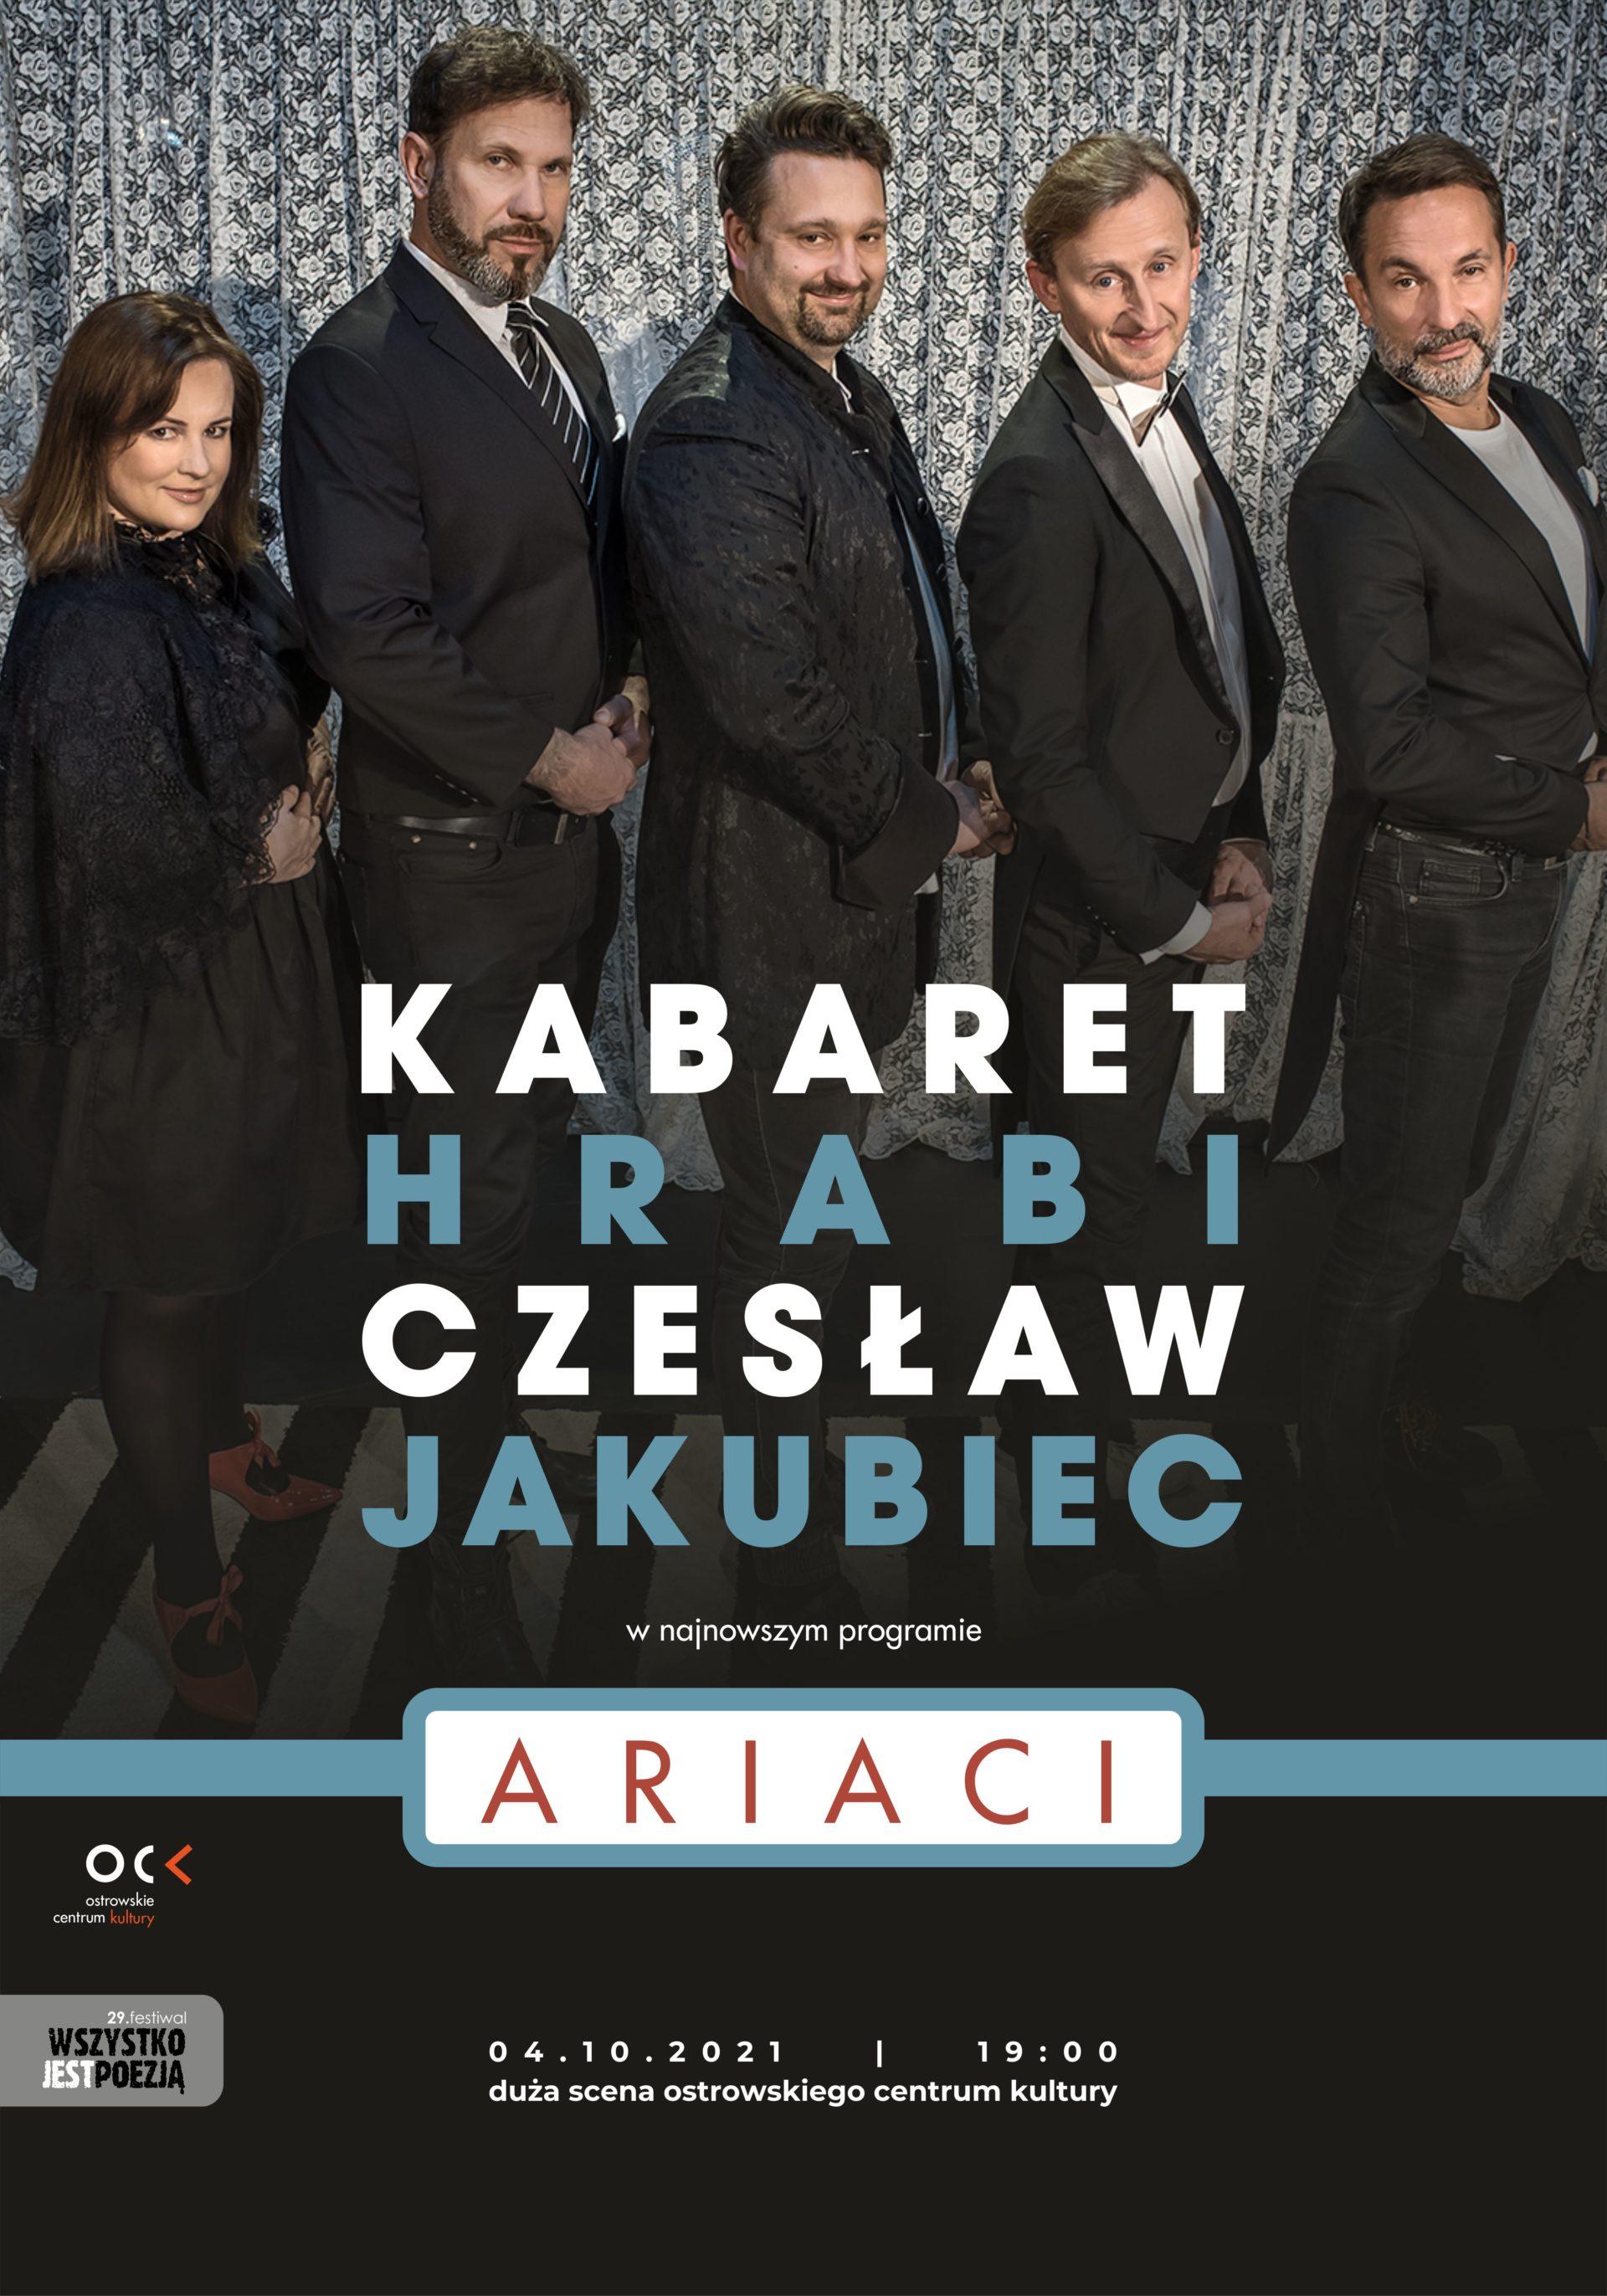 29.WJP   Kabaret Hrabi i Czesław Jakubiec. Ariaci